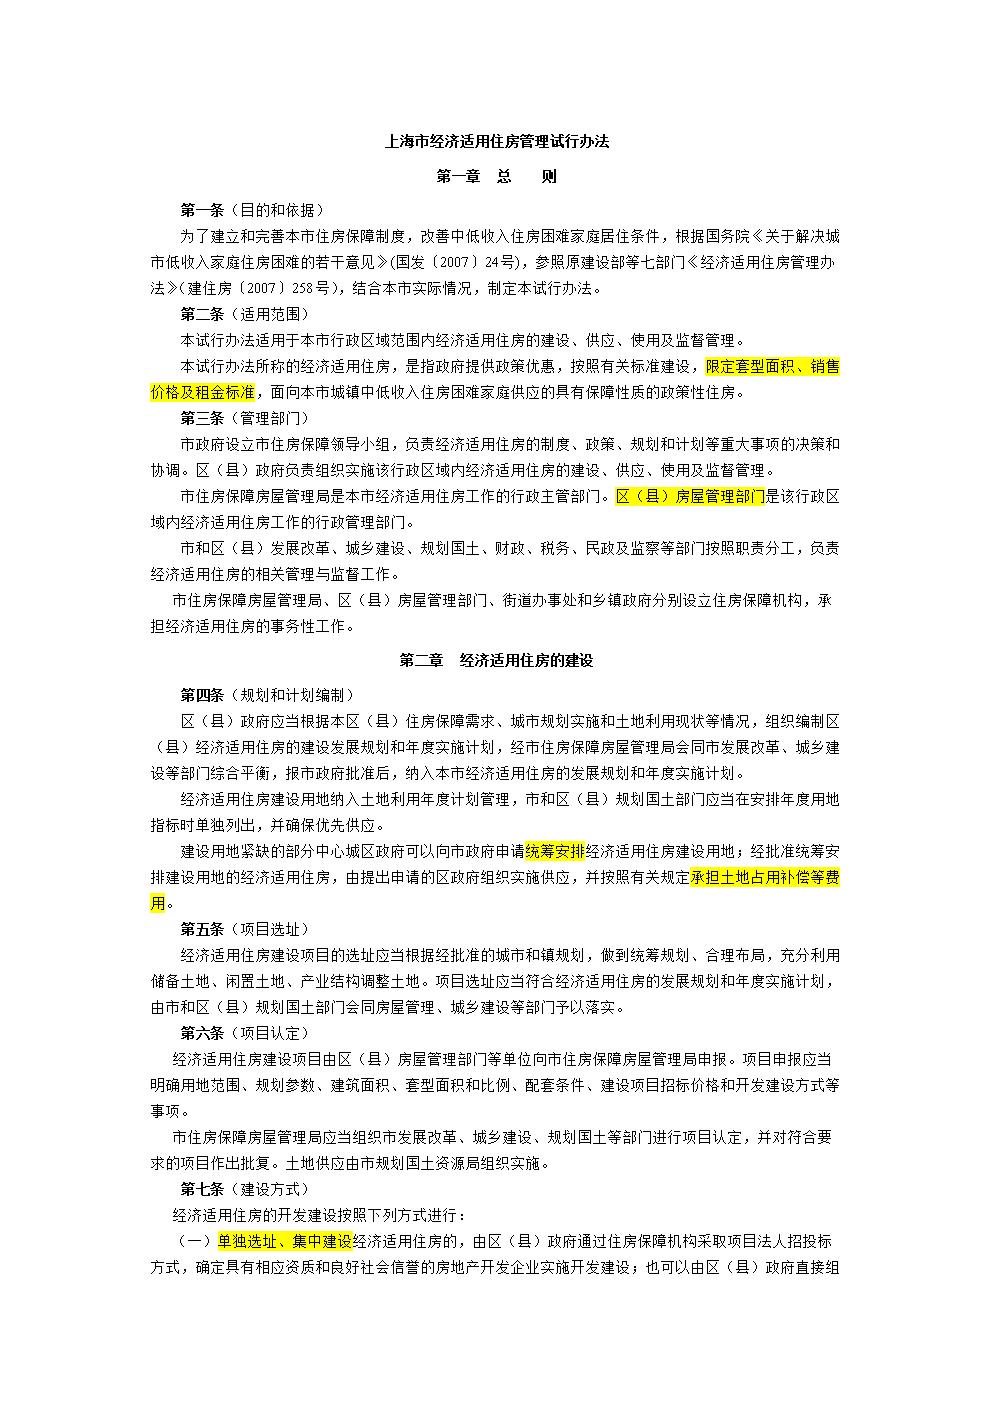 上海市经济适用住房管理试行办法.doc